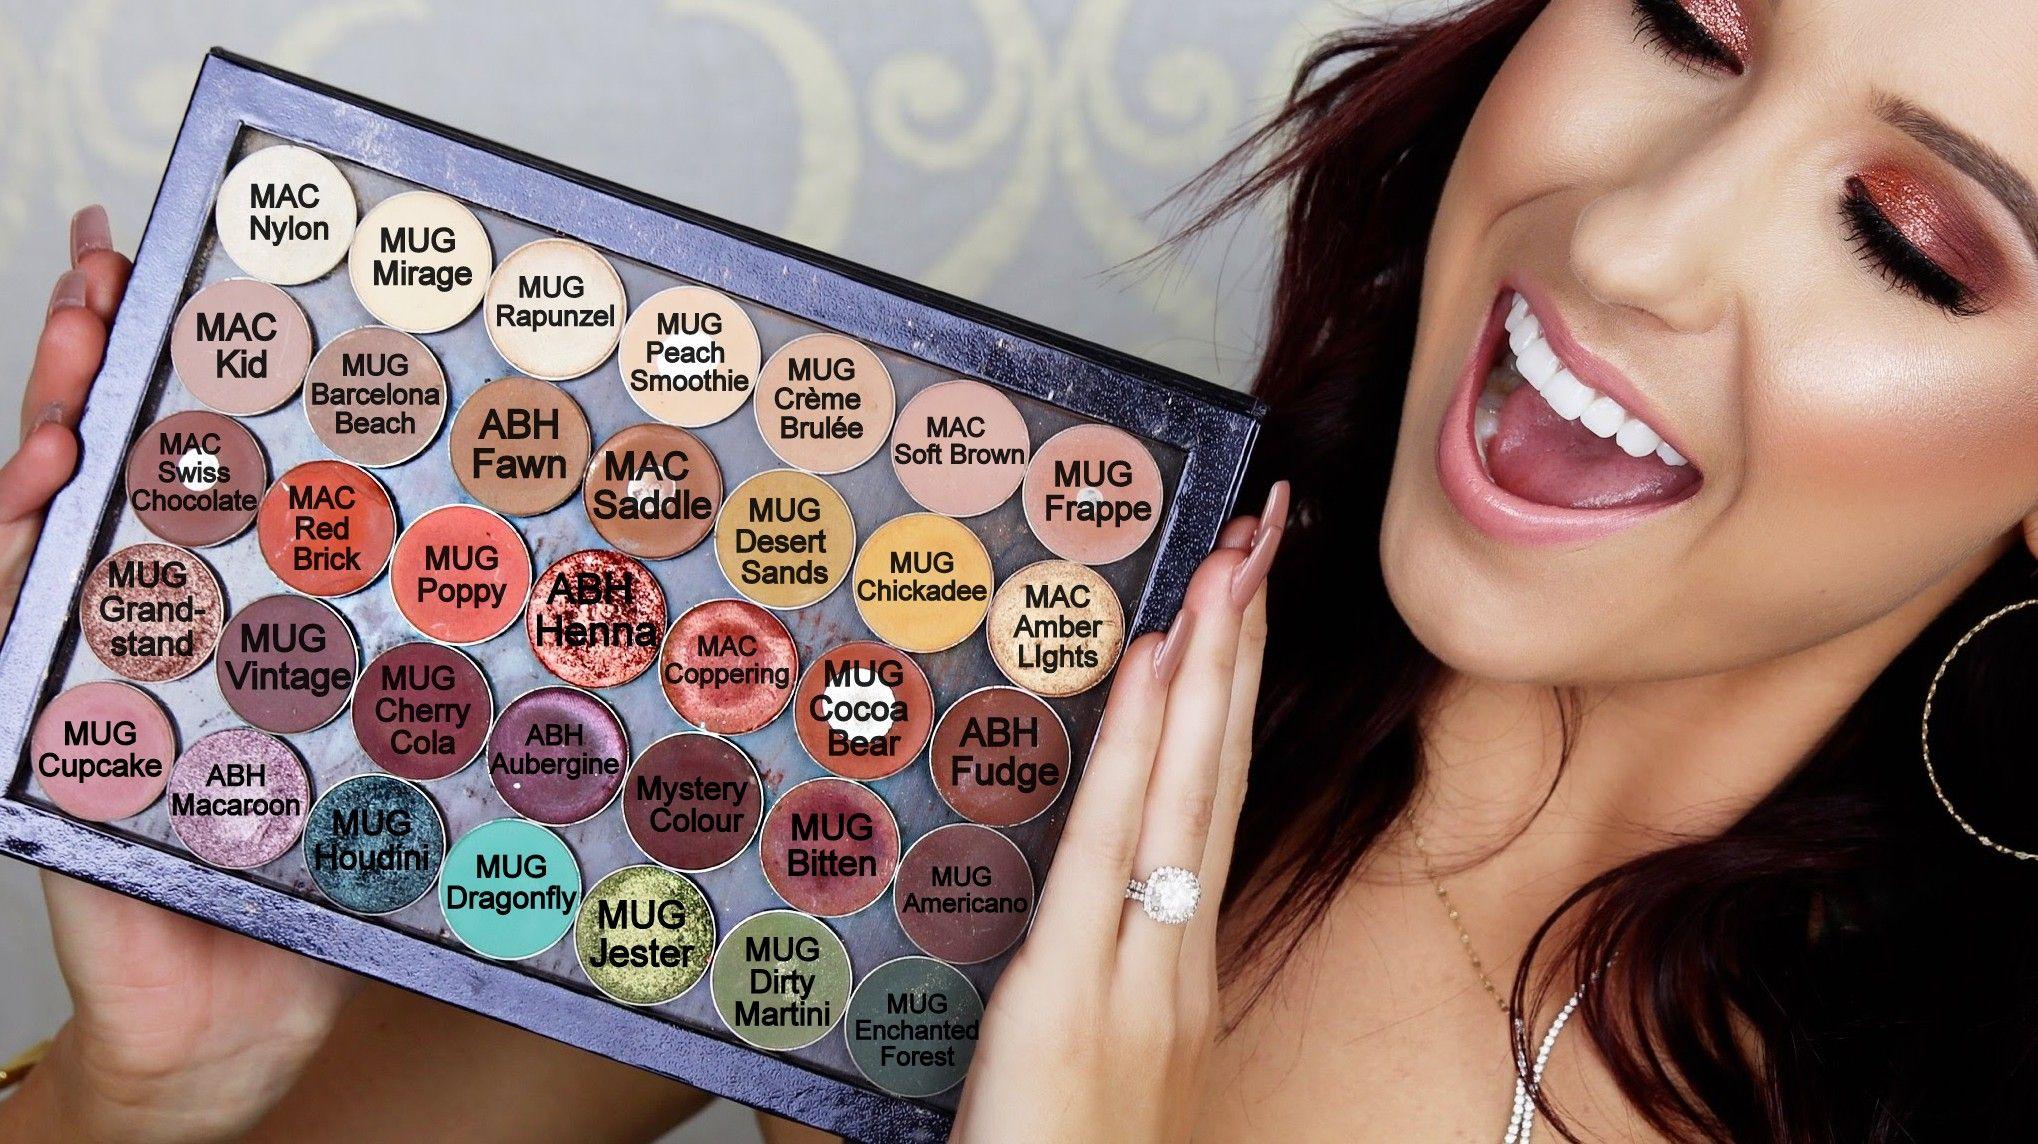 Jaclyn Hill's Favorite Single Eyeshadows | Custom Z Palette. MAC, Makeup Geek, Anastasia Beverly Hills